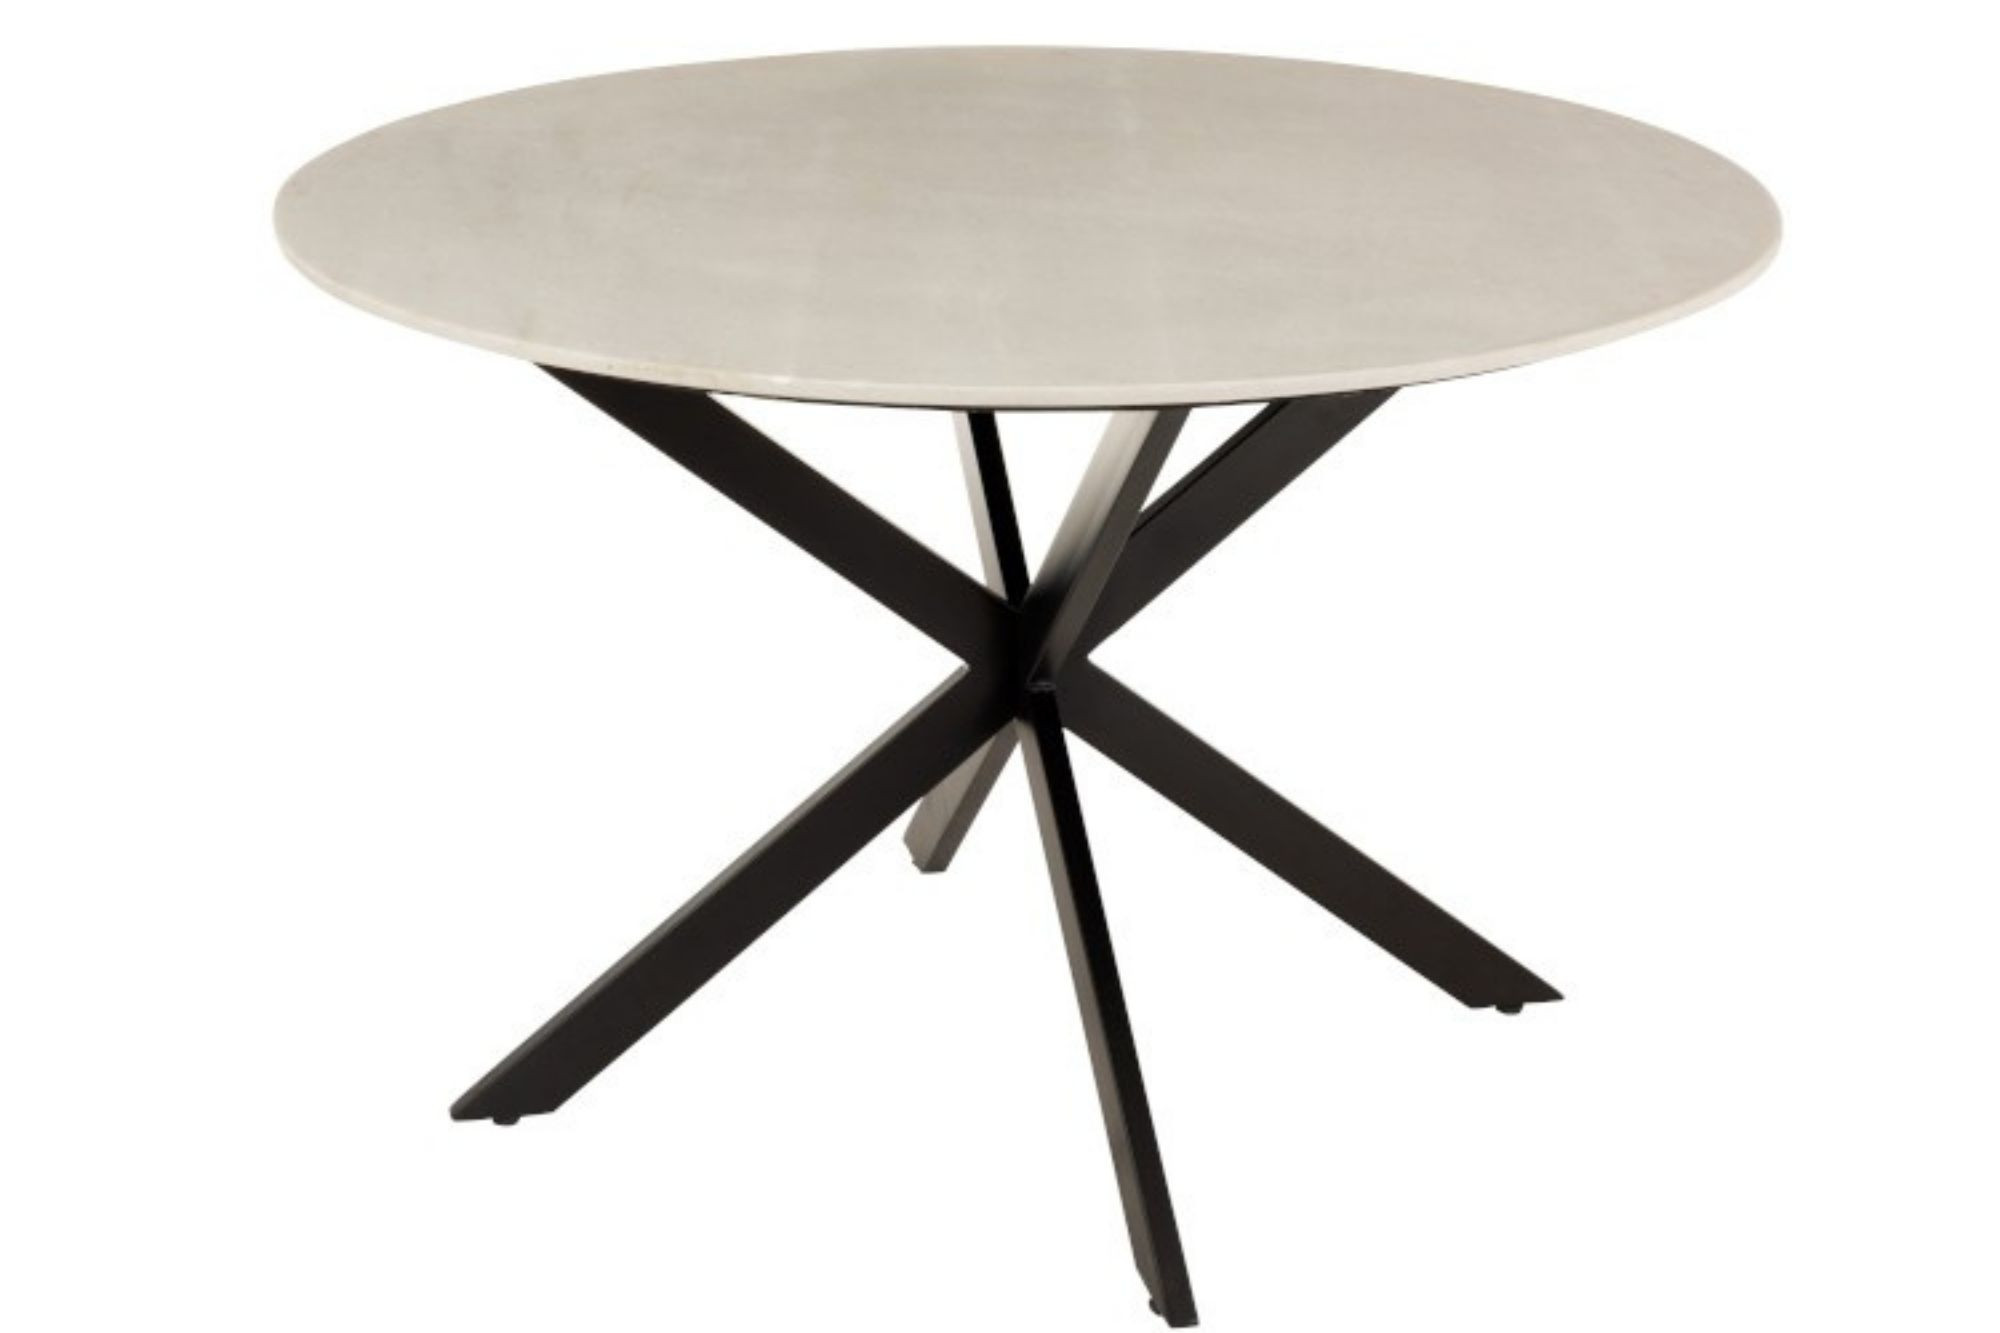 Table à manger ronde en marbre et pied métal